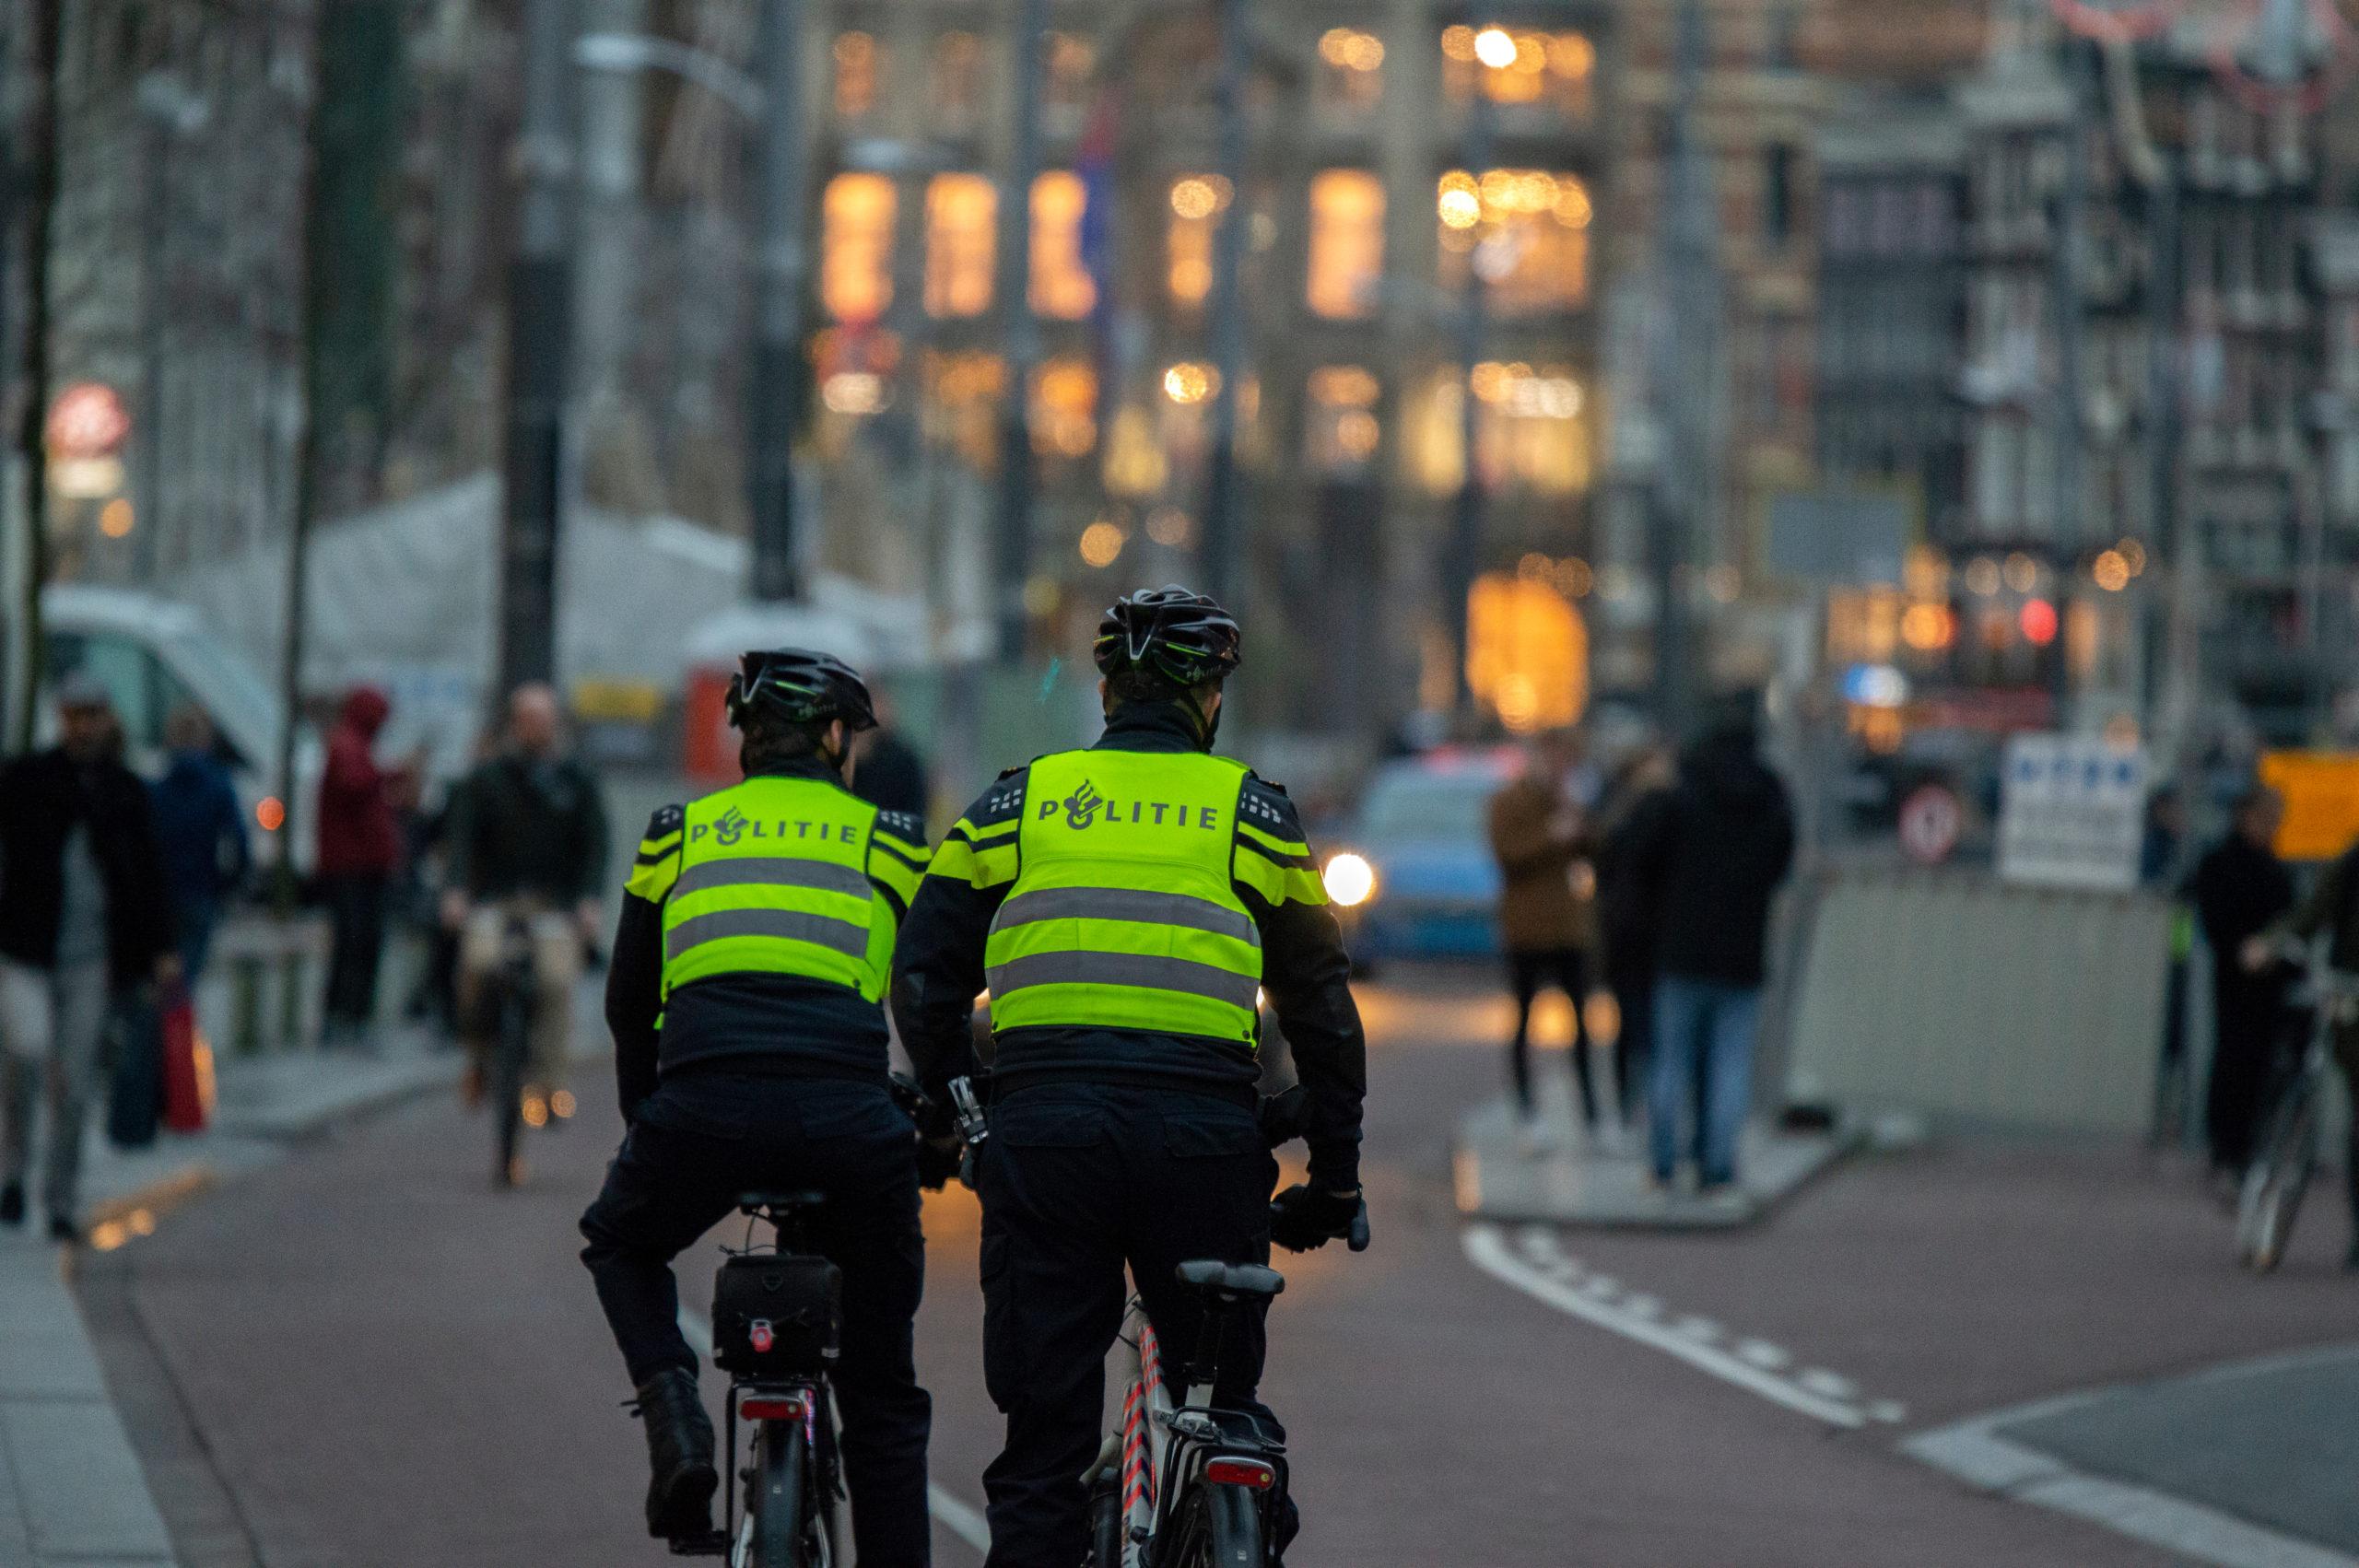 image for Politie van overmorgen image